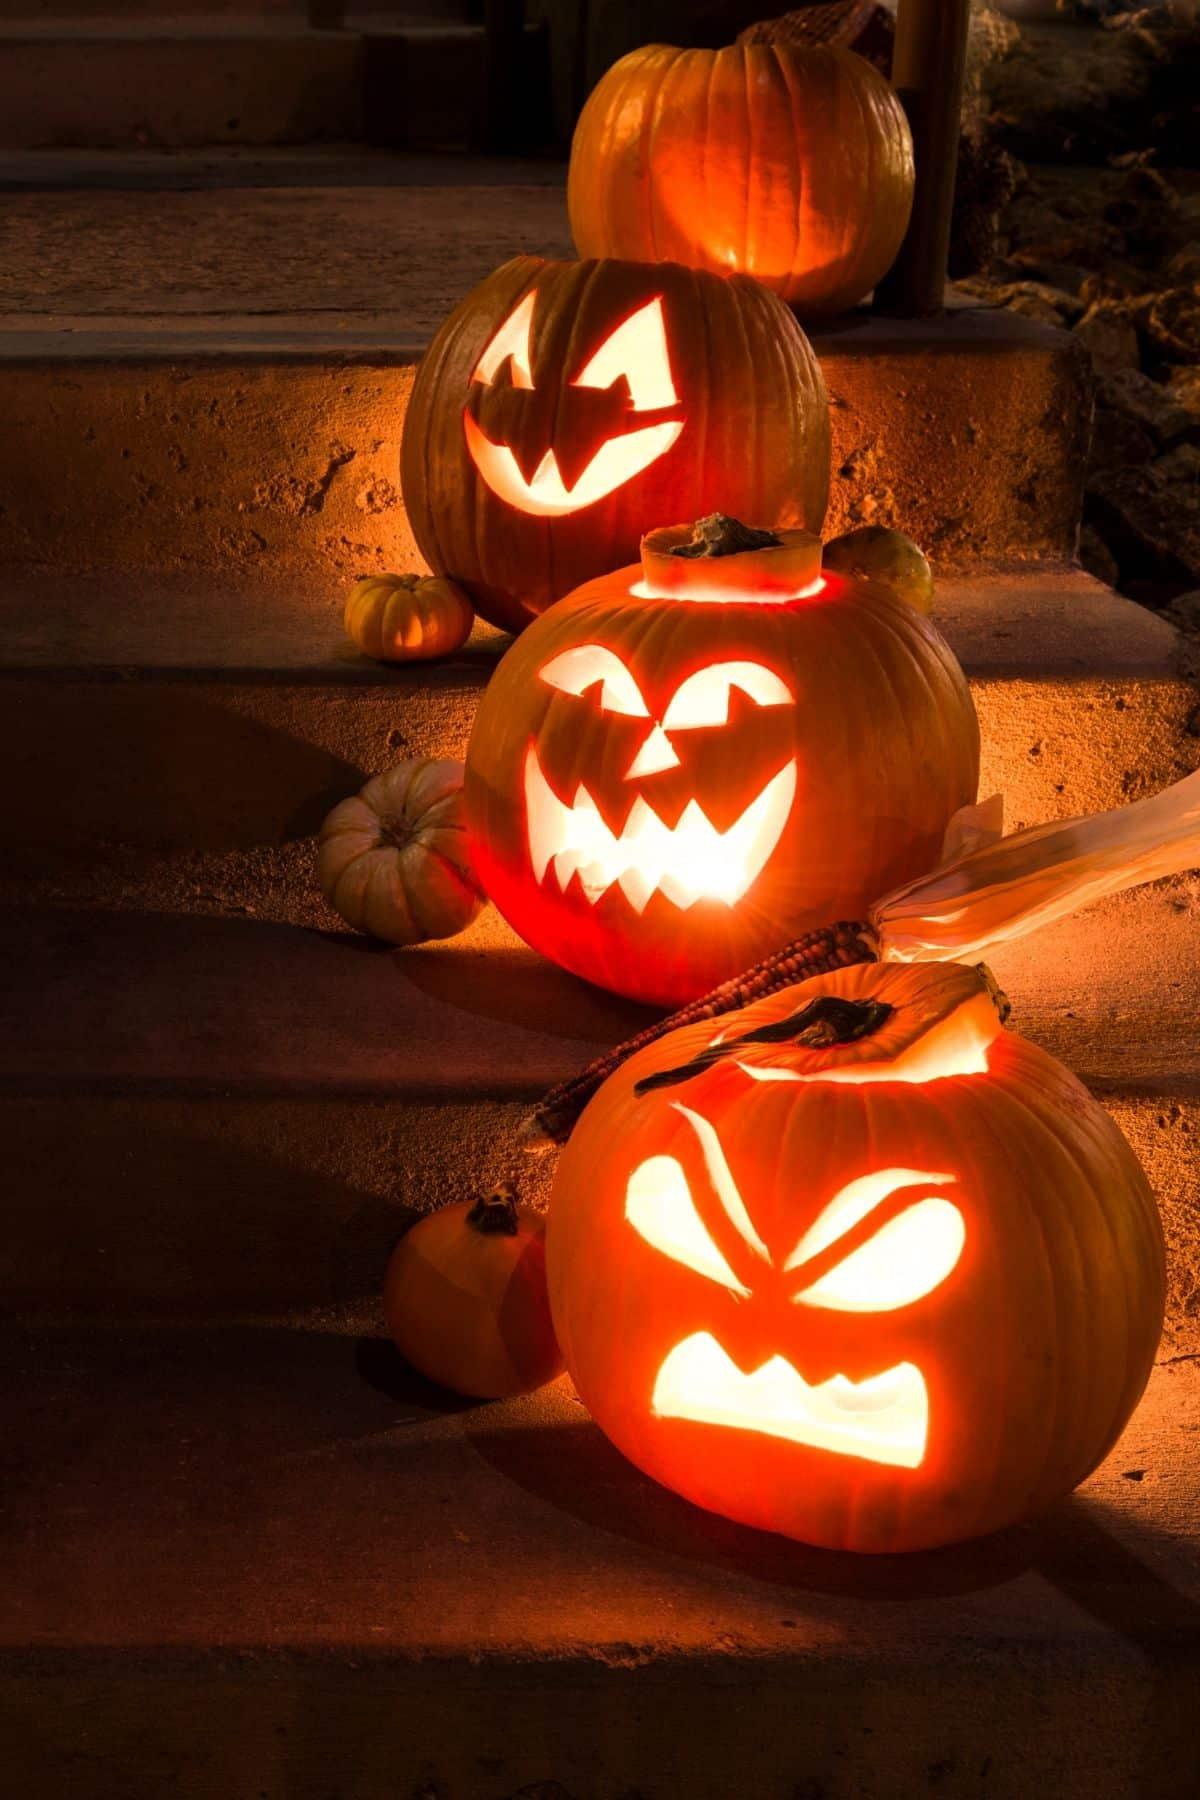 three jack o'lanterns on a porch